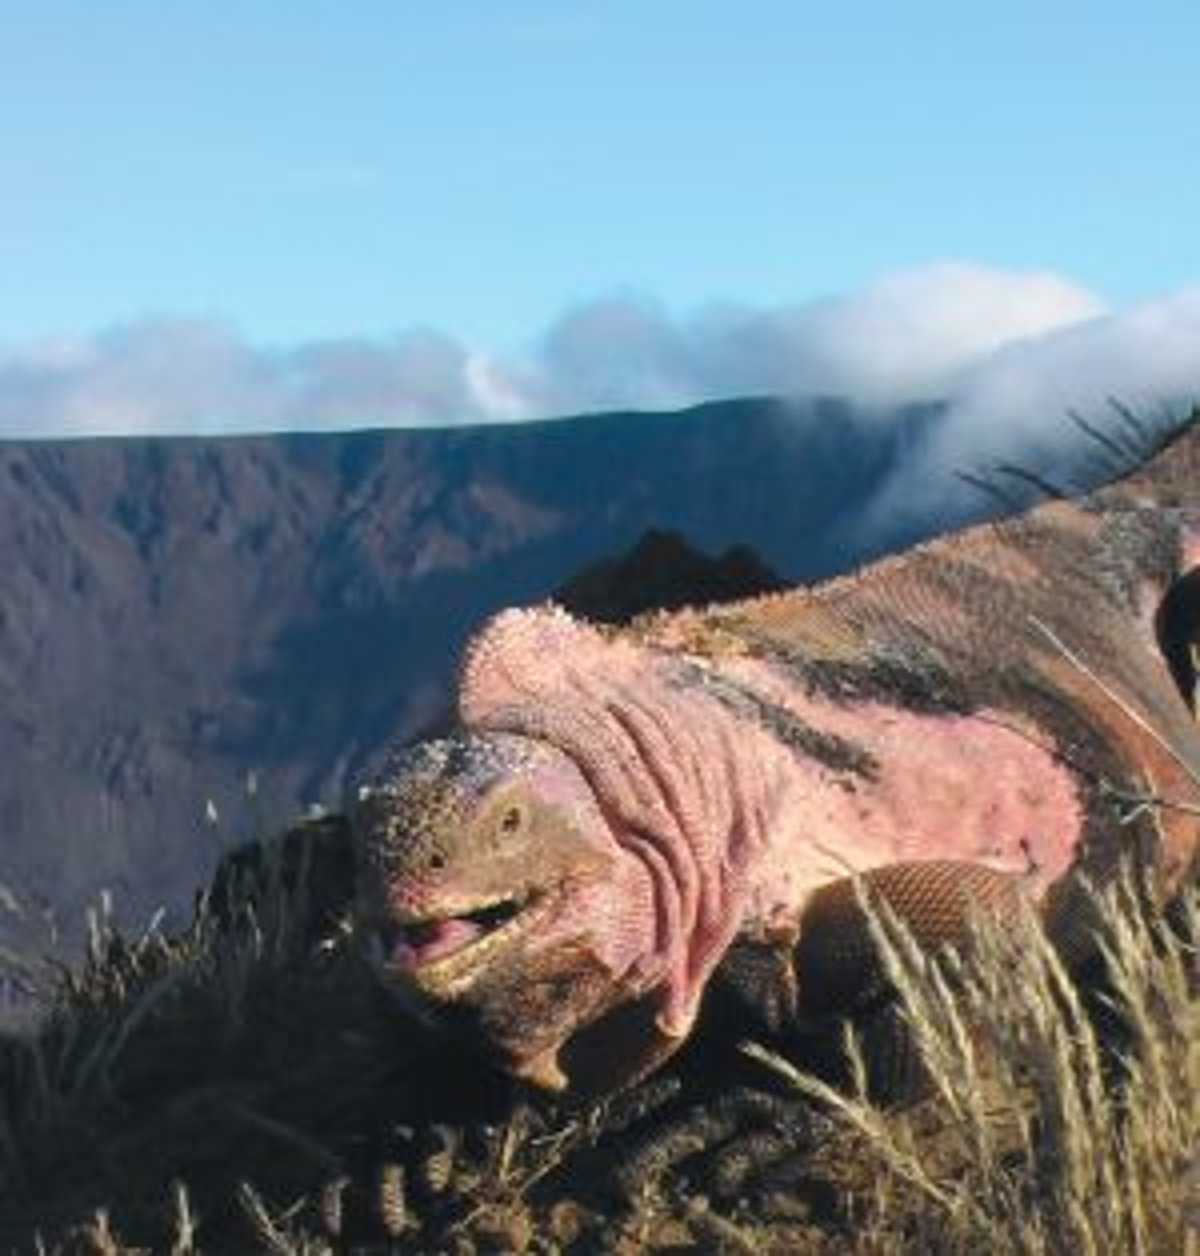 Ružový leguán na okraji krátera galapágskej sopky Wolf v nadmorskej výške  približne 1700 metrov. db77a79741d